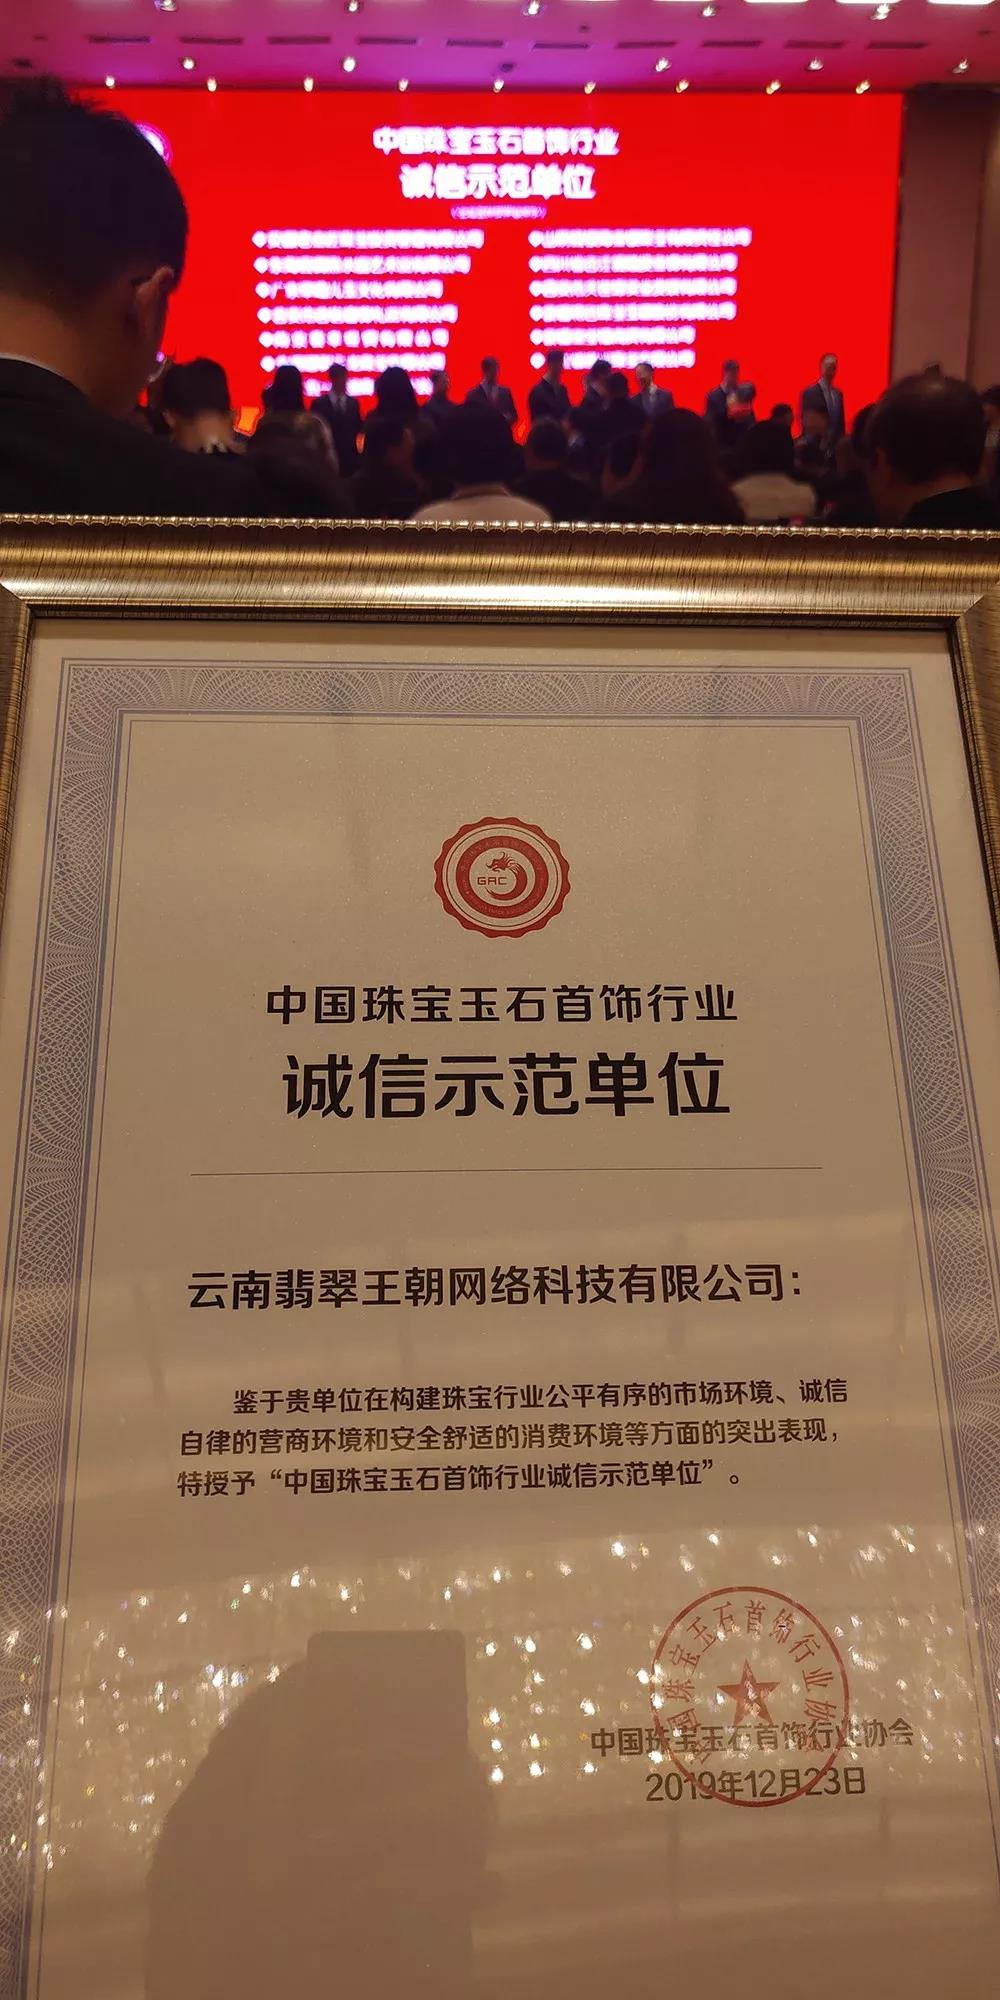 翡翠王朝_喜讯!翡翠王朝荣获中国珠宝玉石首饰行业诚信示范单位